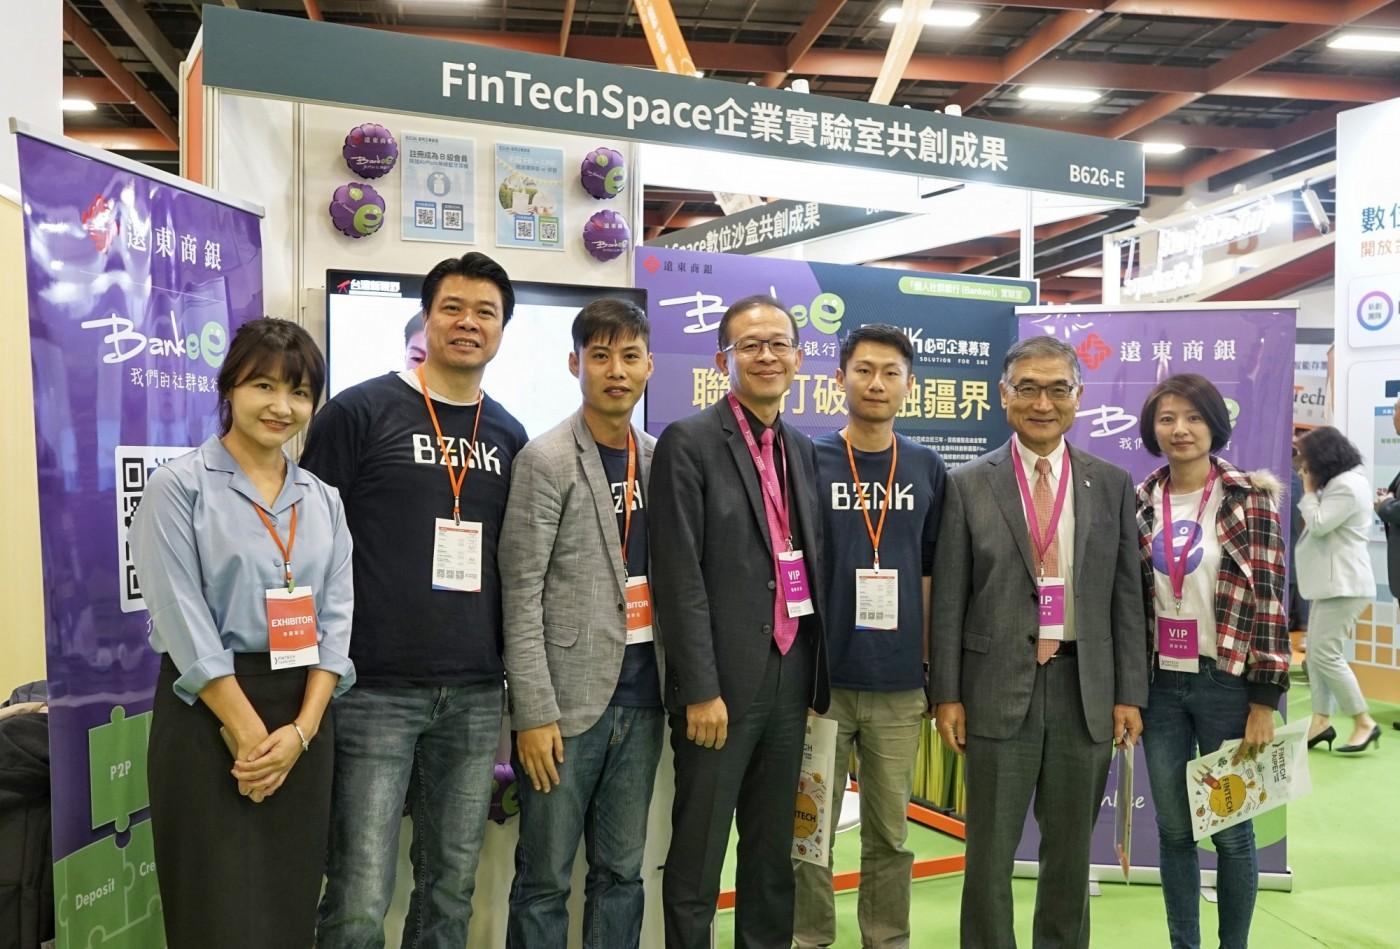 遠銀Bankee社群銀行攜新創推2大首例 現身台北金融科技展 展示數位金融創新成果